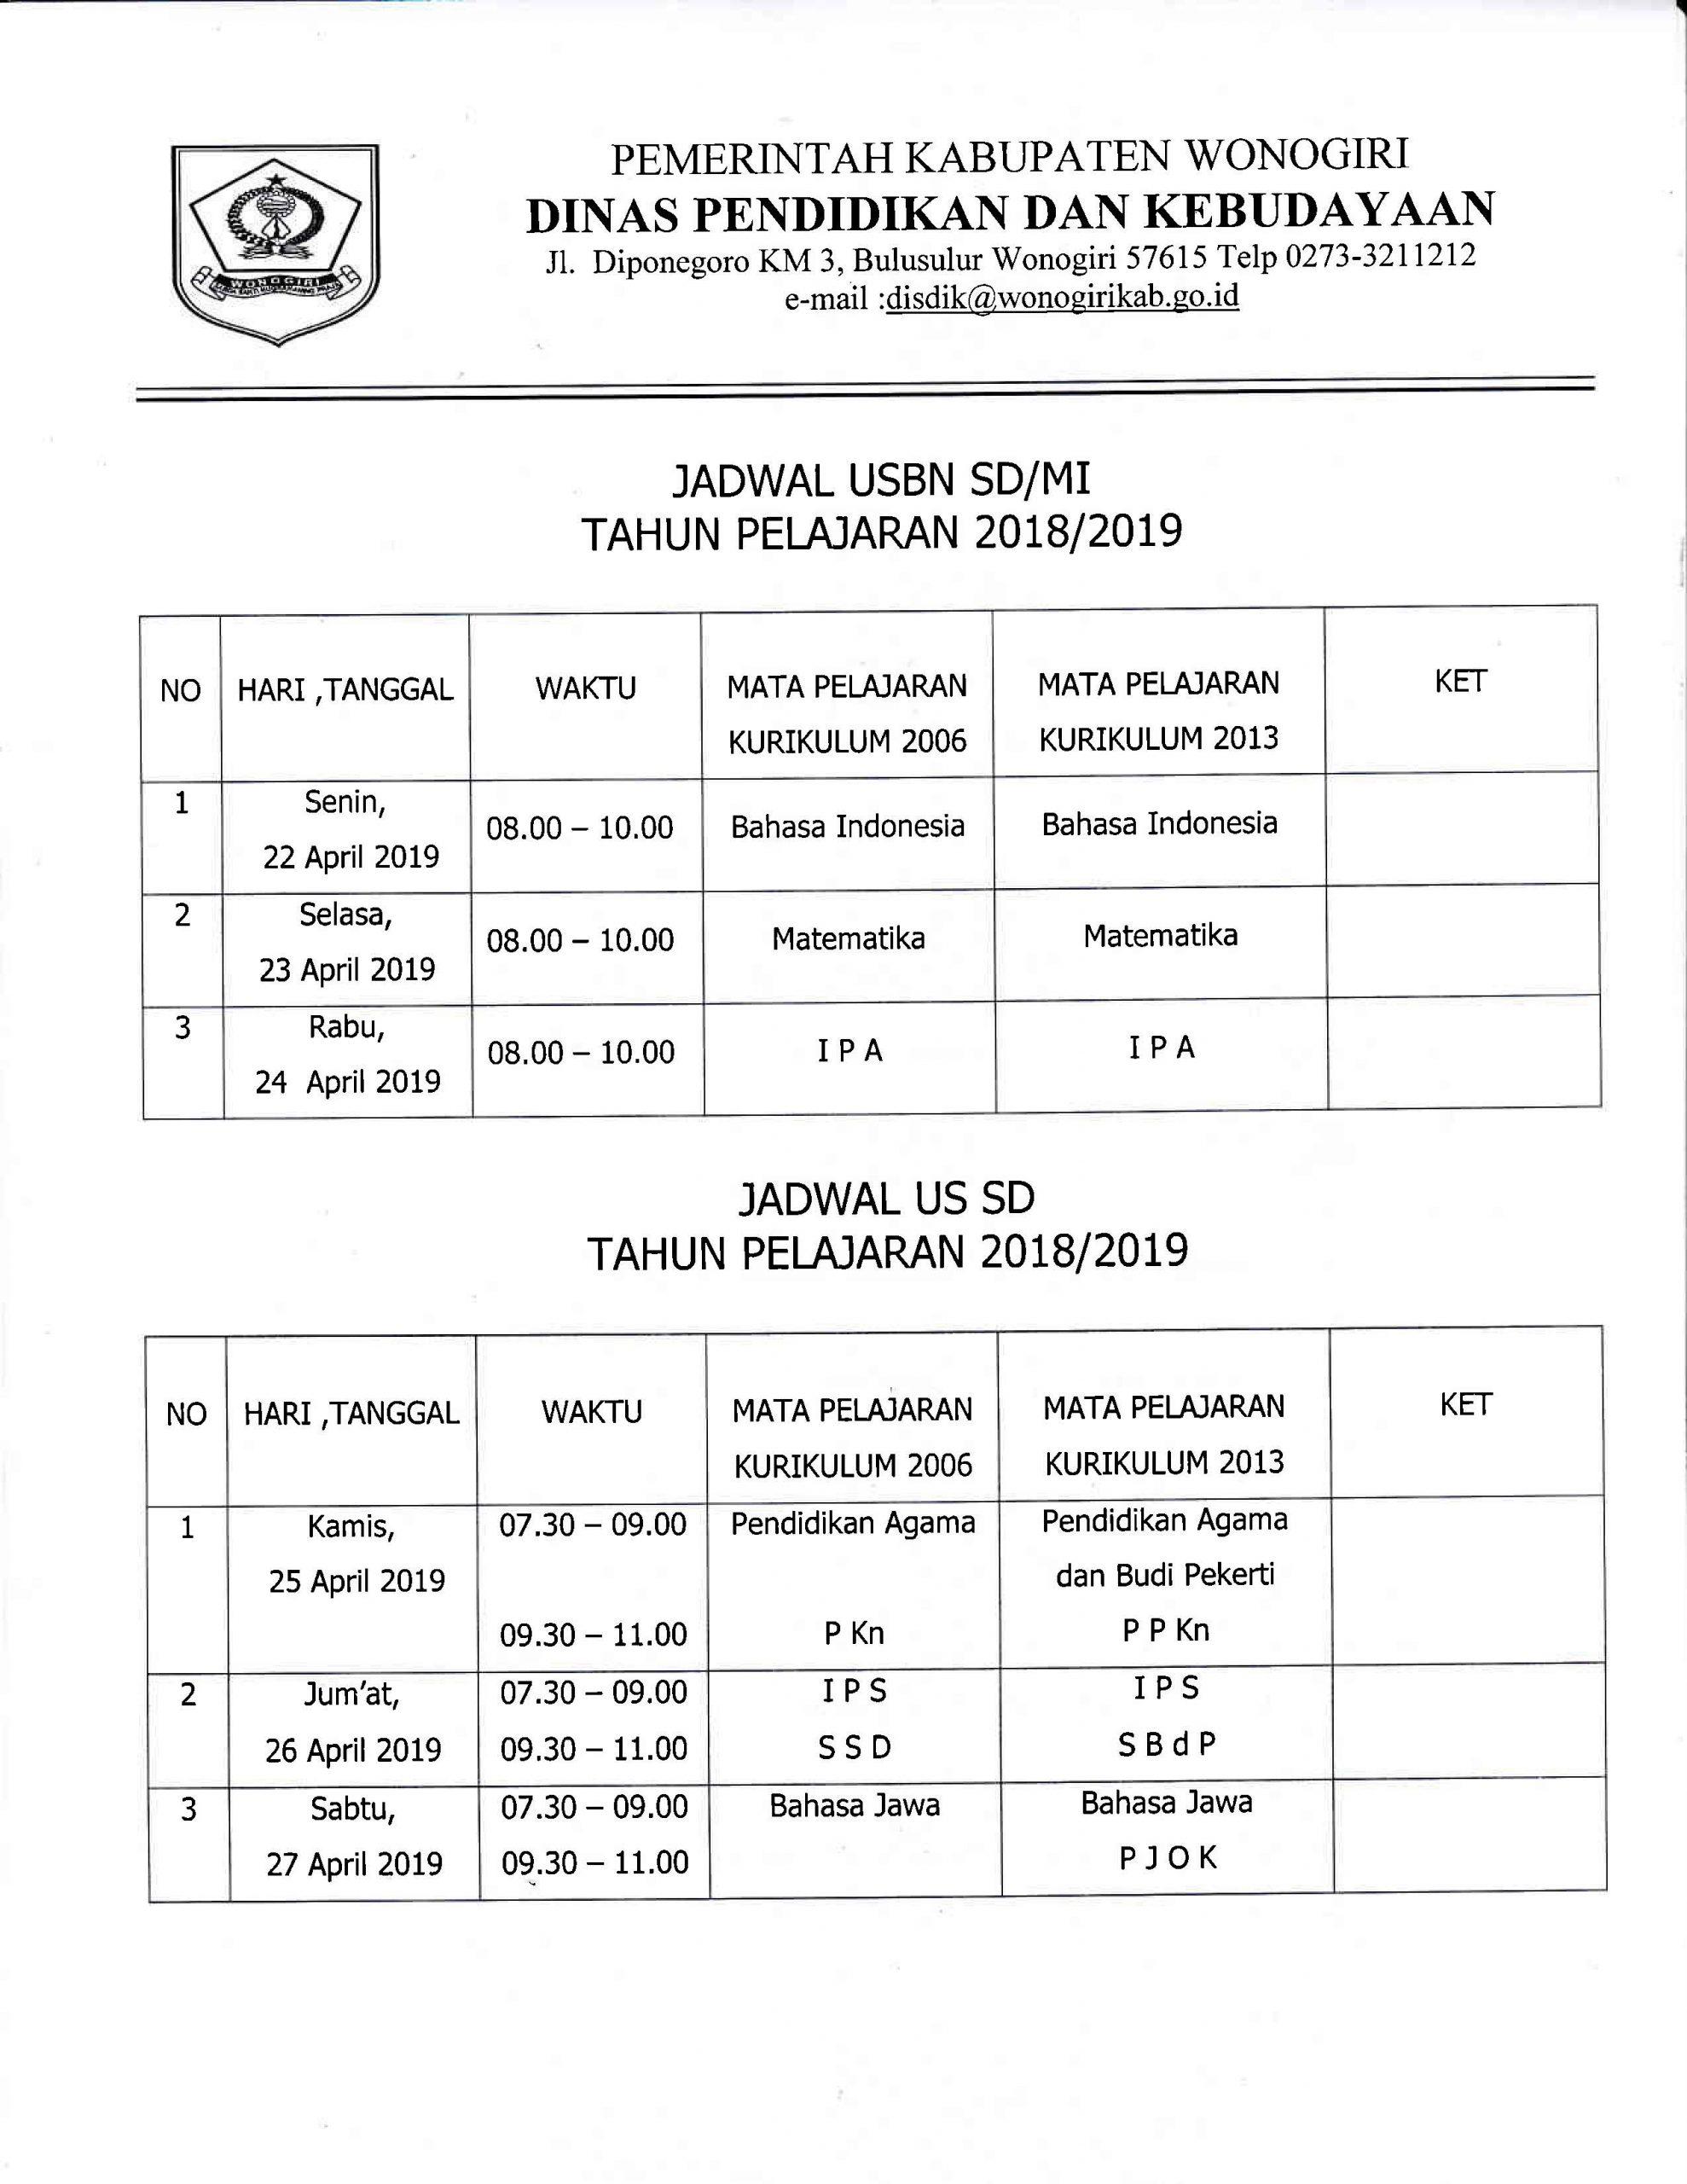 JADWAL USBN SD/MI  TAHUN PELAJARAN 2018/2019